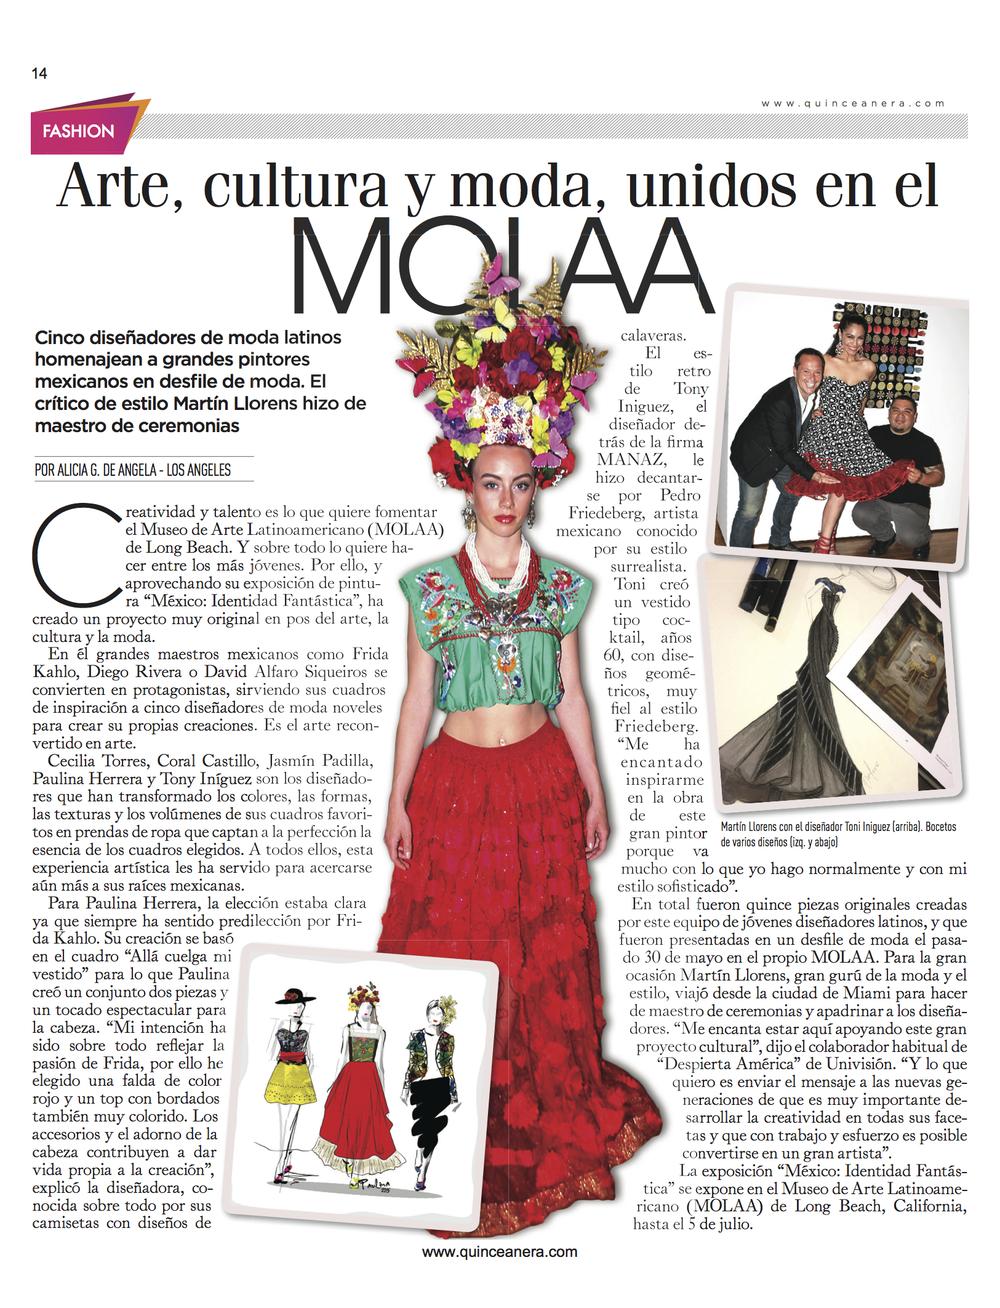 MOLAA Fashion show article Arte, Cultura Moda